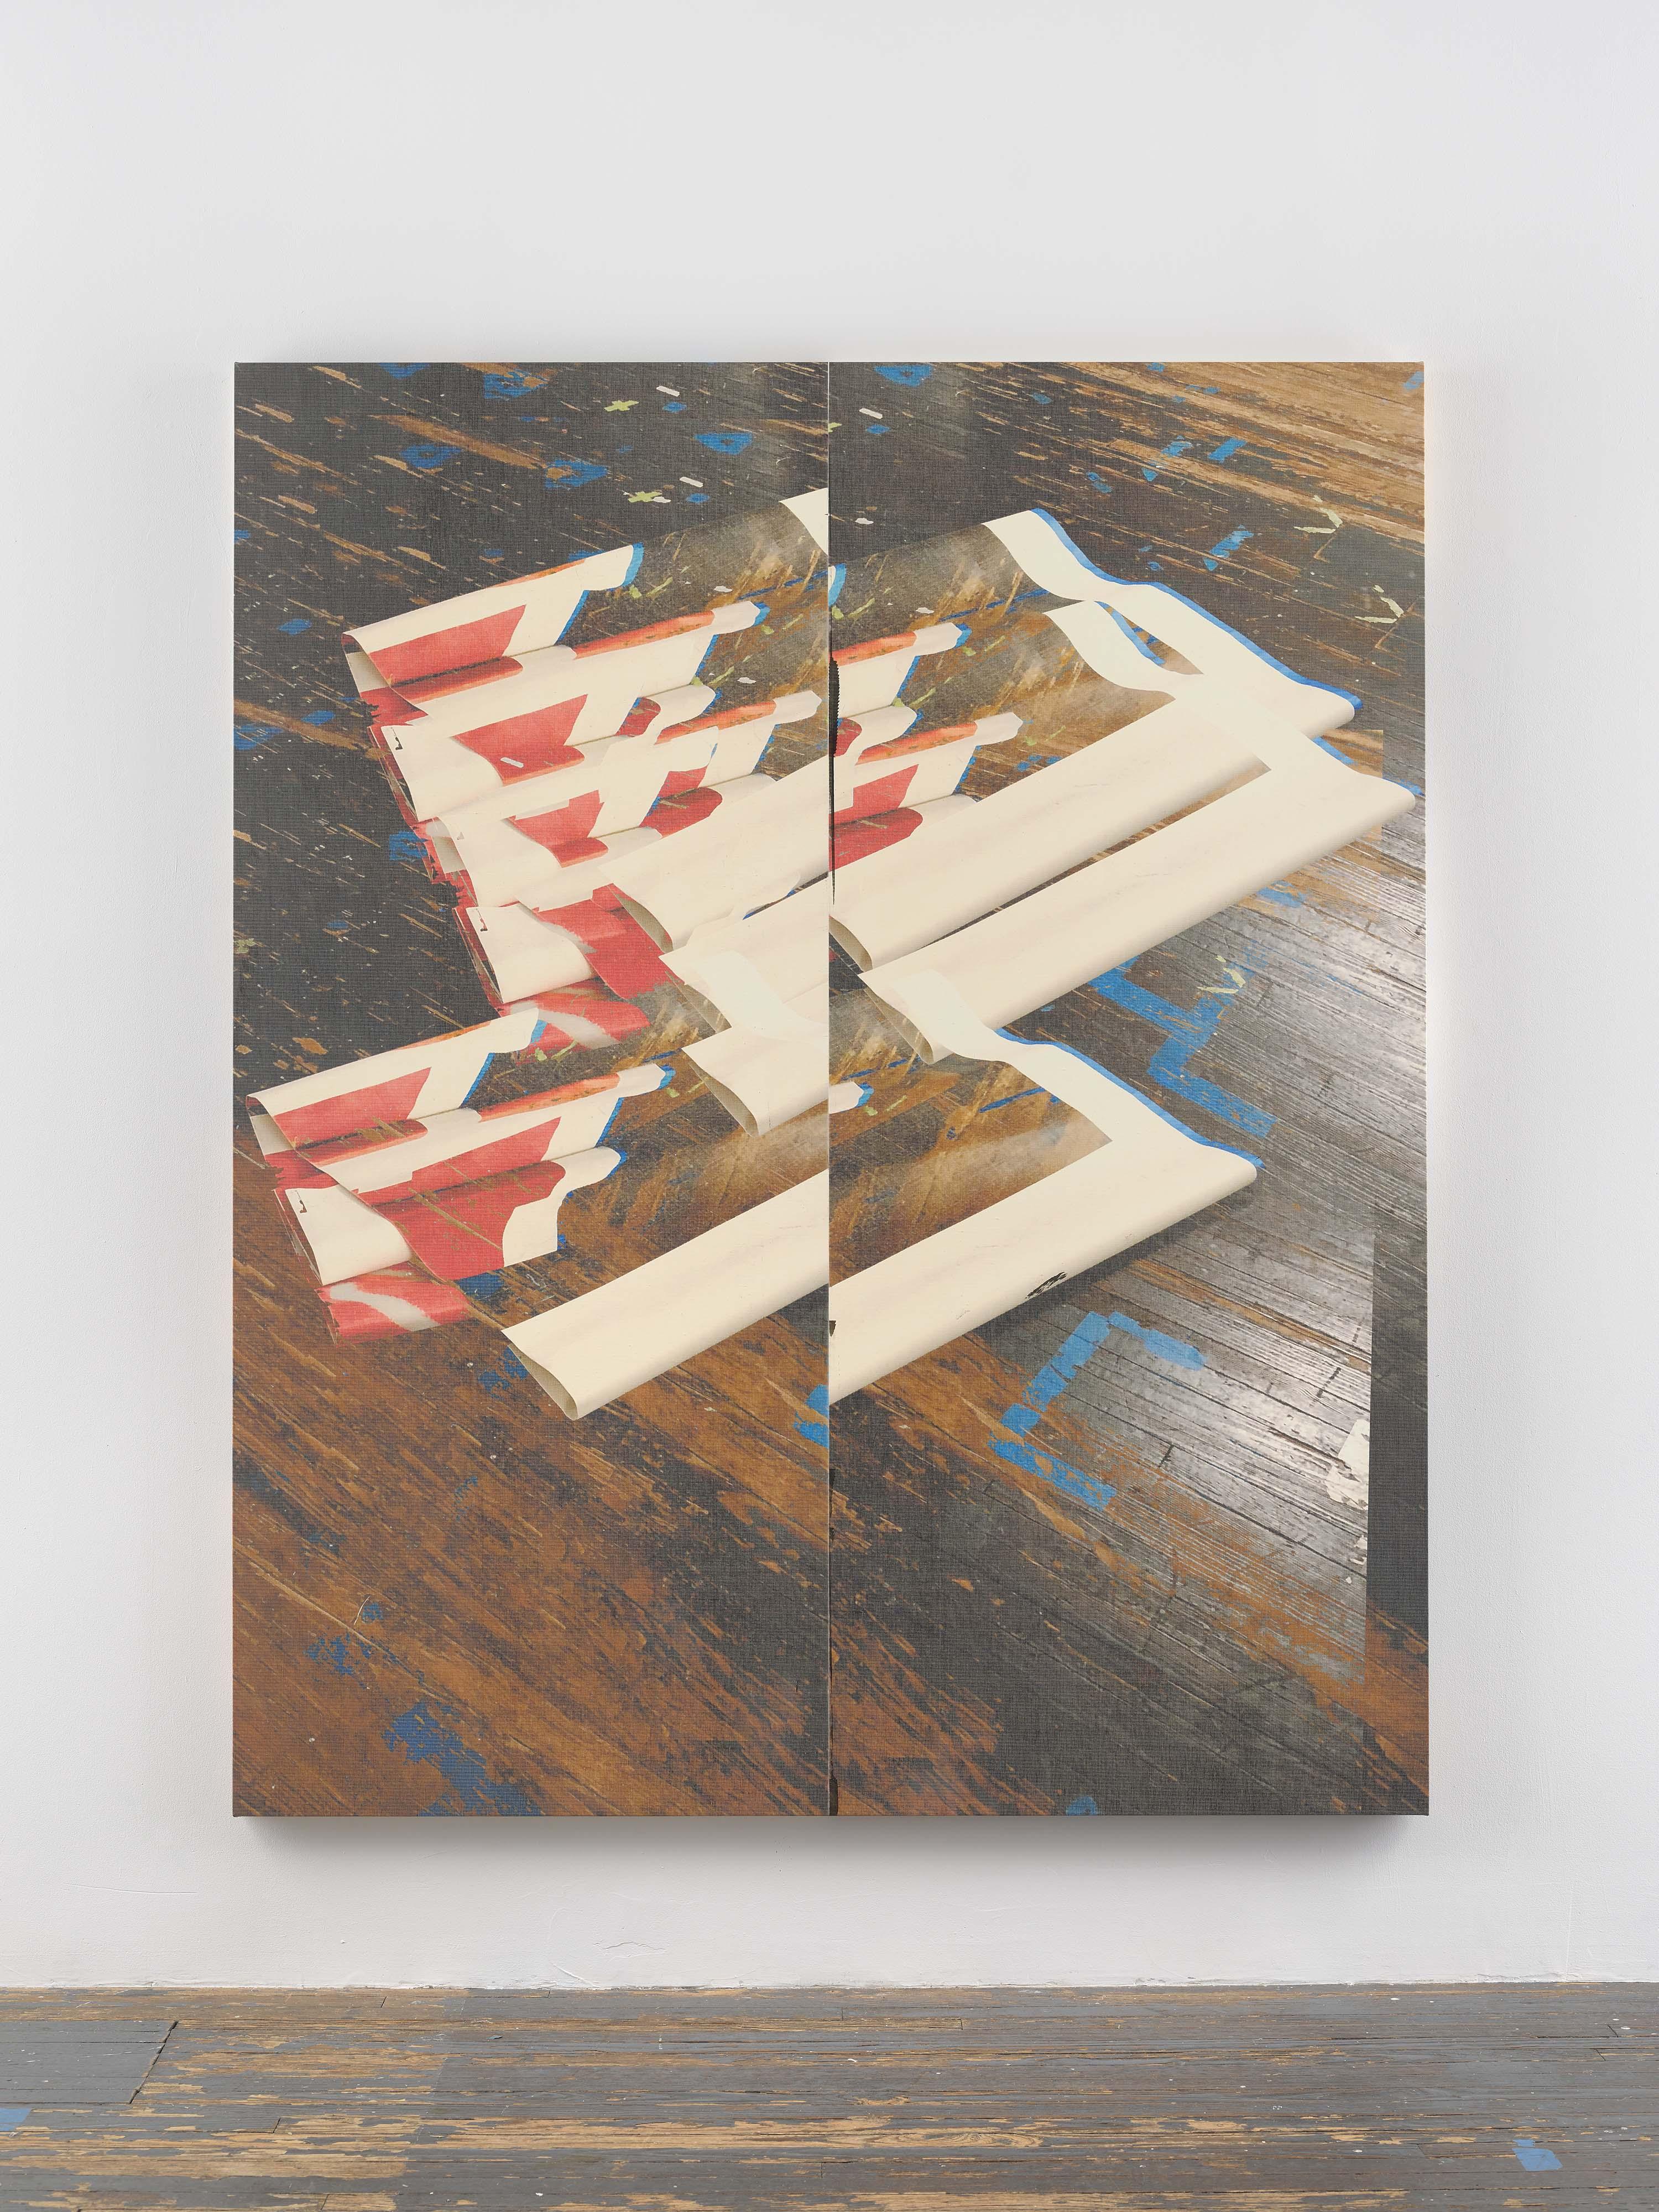 """Wade Guyton, """"Sans titre"""" (2019). Impression jet d'encre sur lin, 213 x 175 cm.Photo : Ron Amstutz. Courtesy de l'artiste et Galerie Chantal Crousel, Paris"""